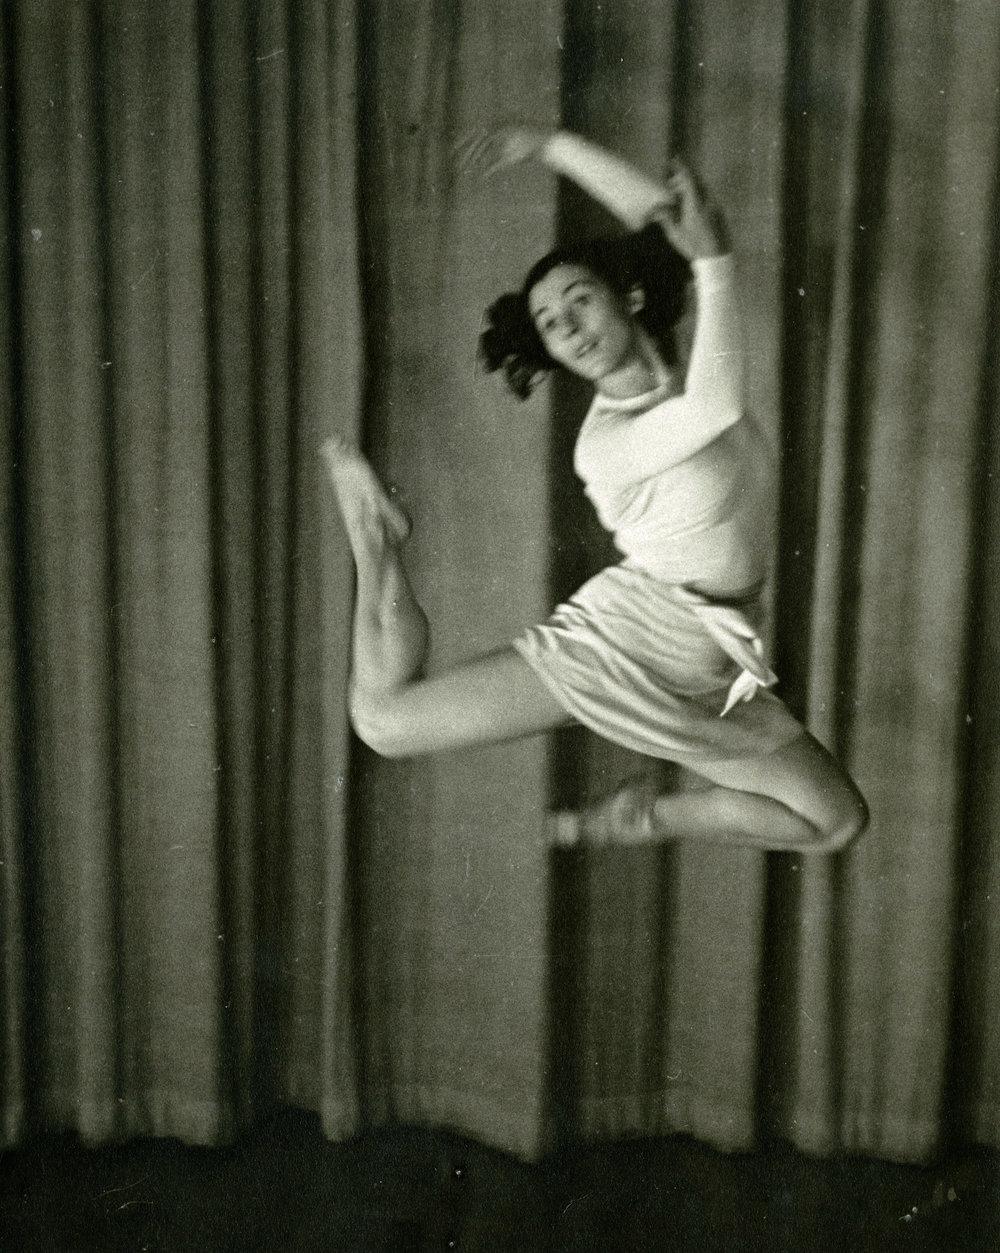 c1940s_helen_p_alkire_dancing.jpg